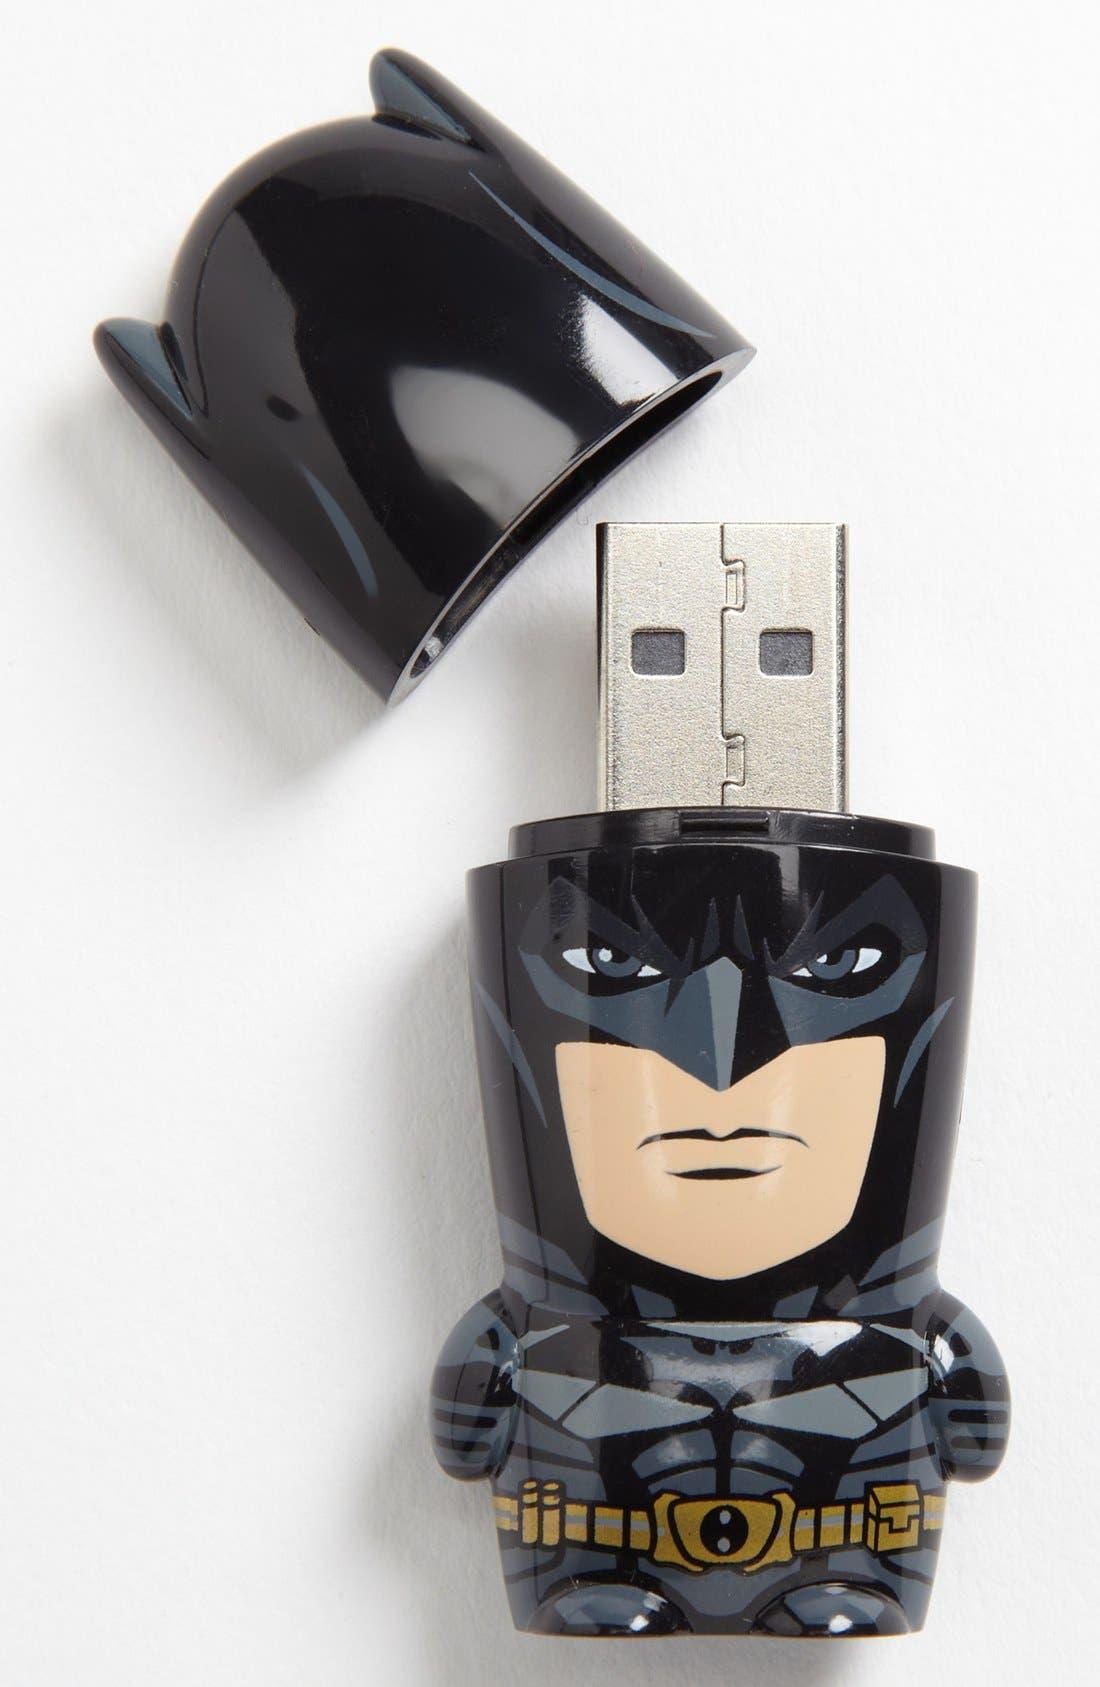 Main Image - Mimobot 'Batman™ - The Dark Knight Rises Edition' Flash Drive